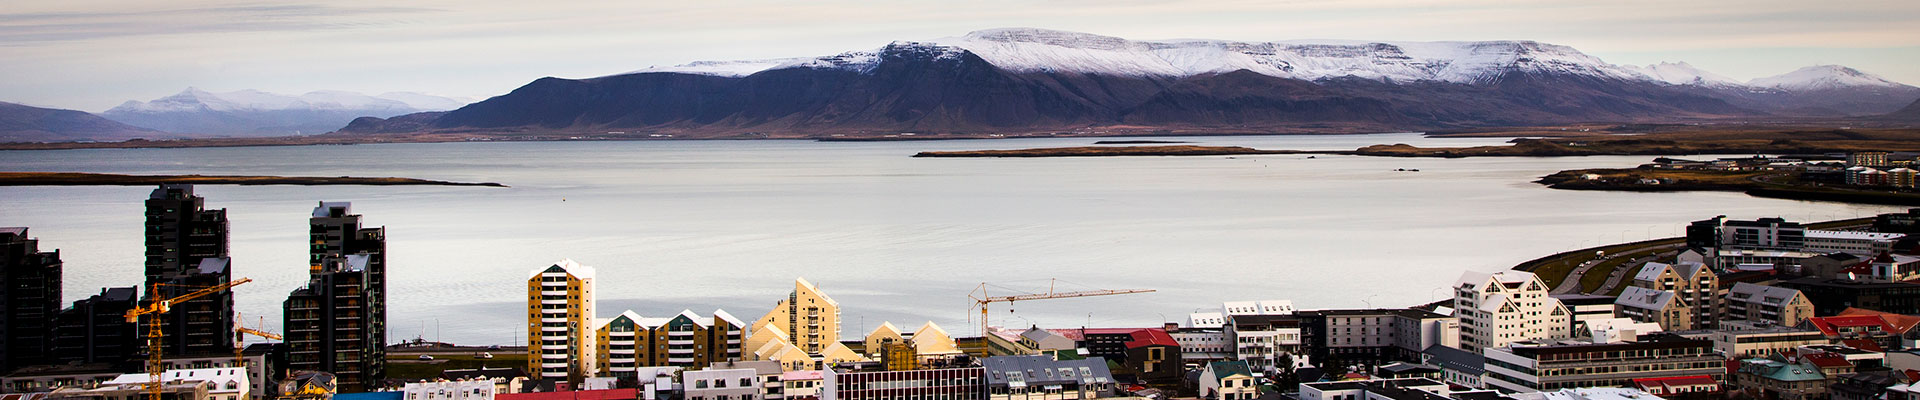 Reykjavik - view to Mount Esja